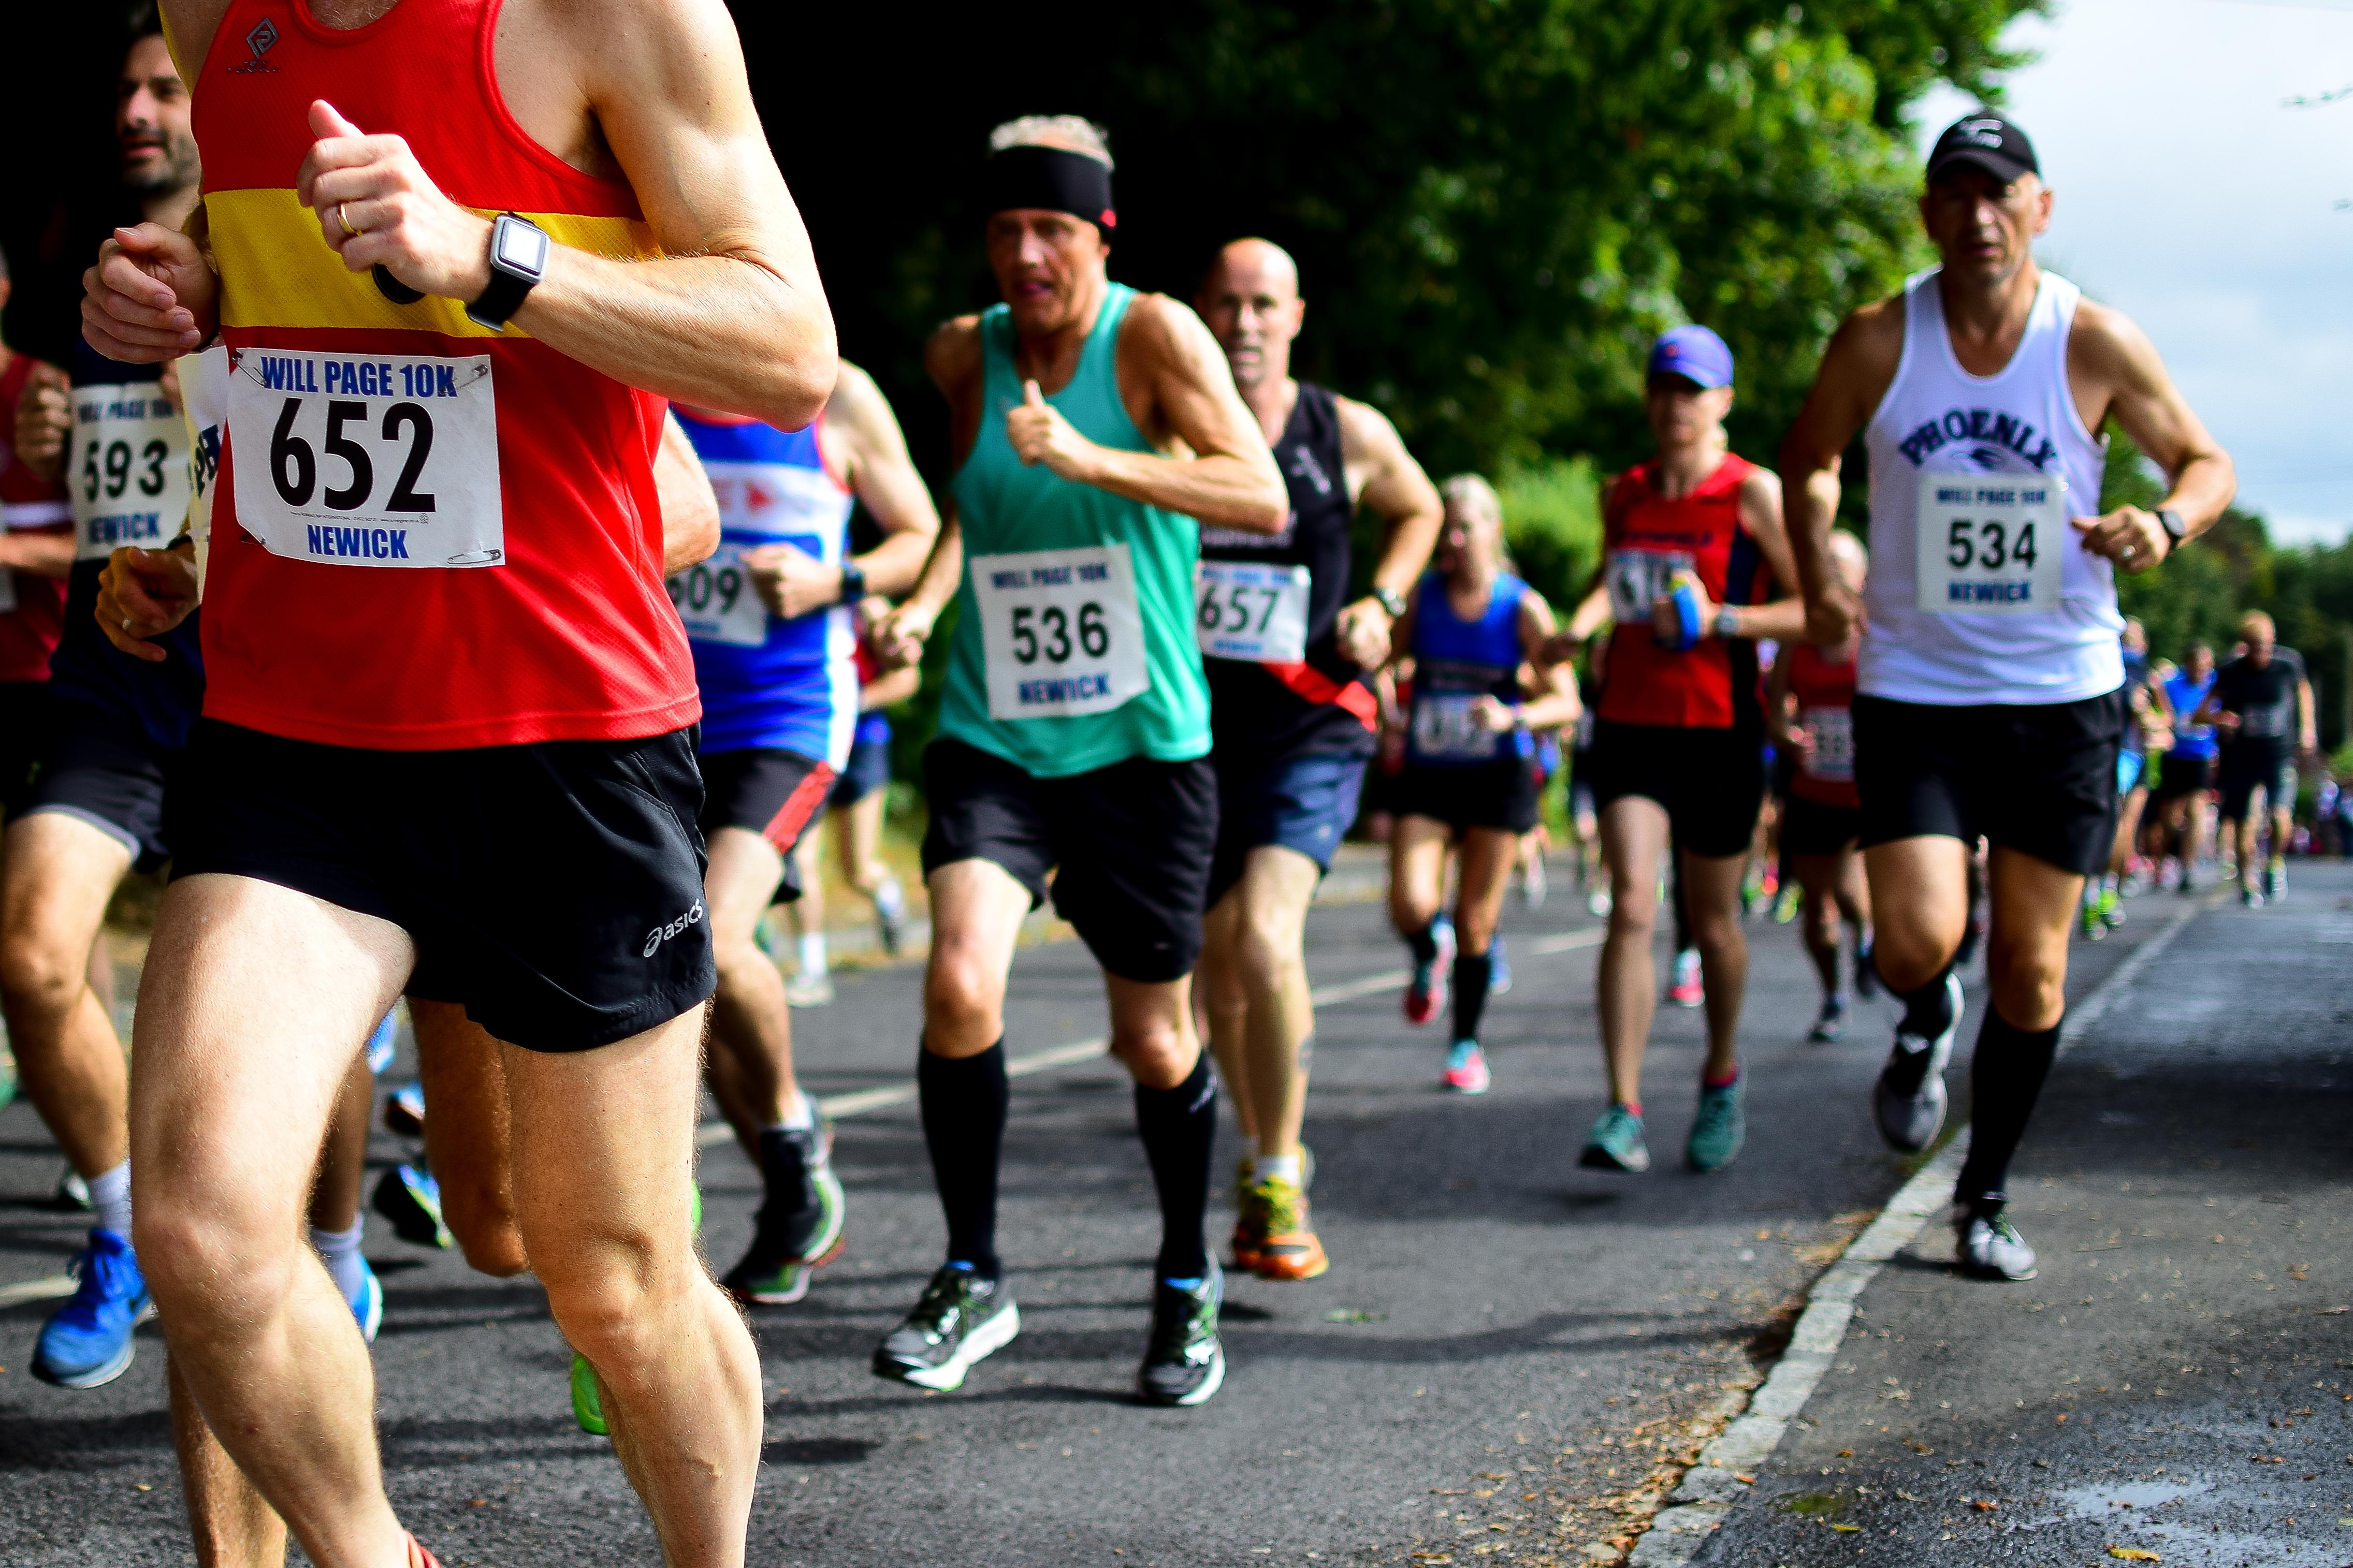 Runner - 652